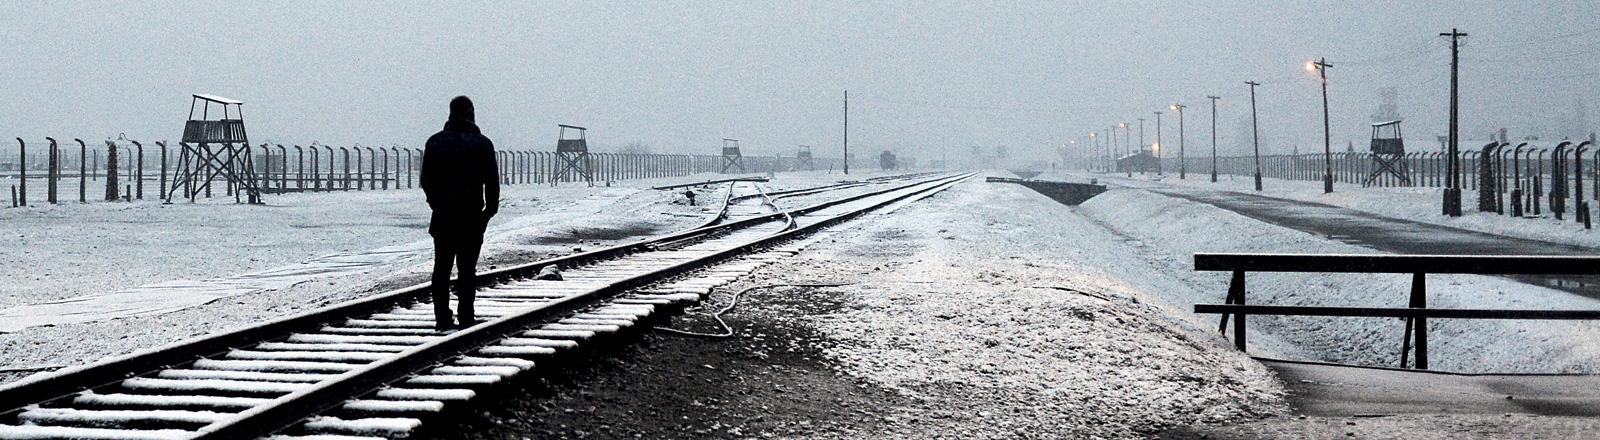 Ein Besucher steht an den Gleisen im Konzentrationslager Auschwitz-Birkenau. Der Himmel ist grau, es liegt etwas Schnee. Links und rechts von den Gleisen sind Zäune und Überwachungstürme; Bild: dpa